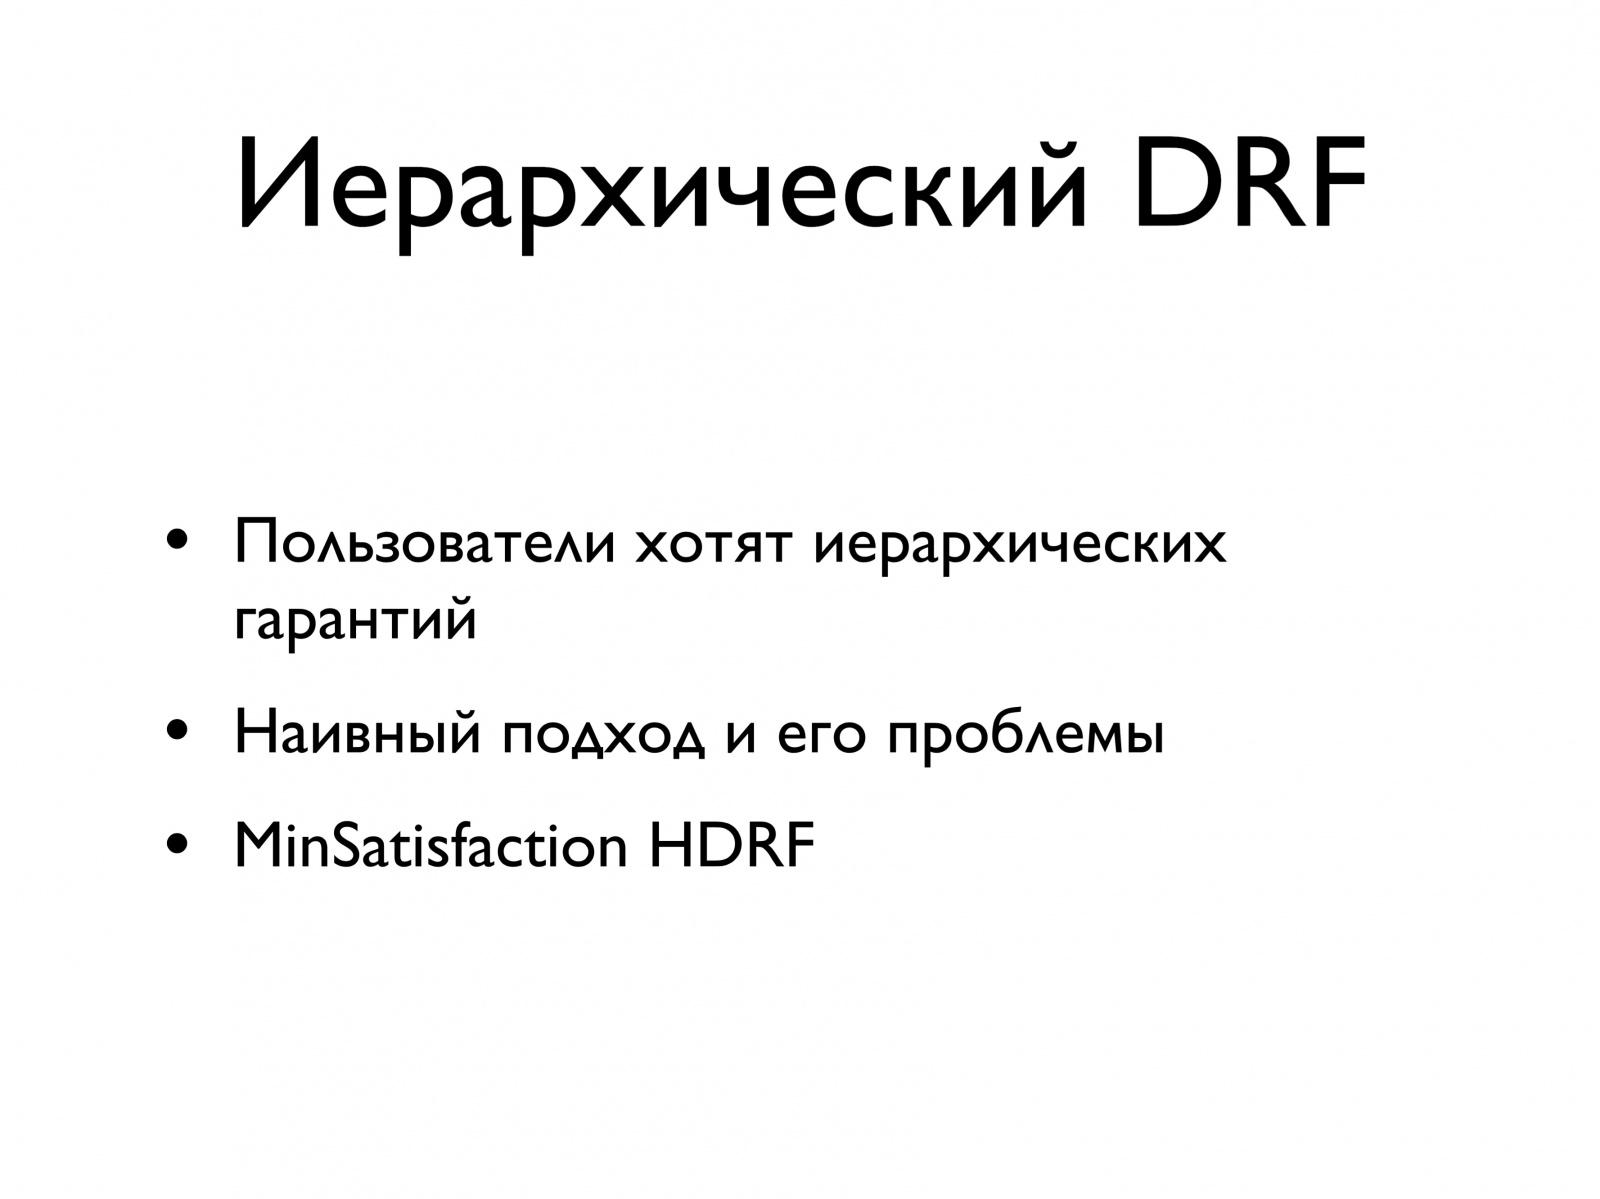 Распределение ресурсов в больших кластерах высокой производительности. Лекция в Яндексе - 8